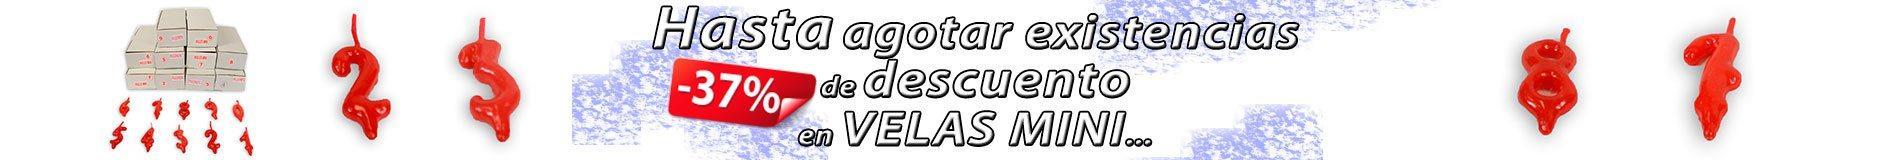 velas_mini_37